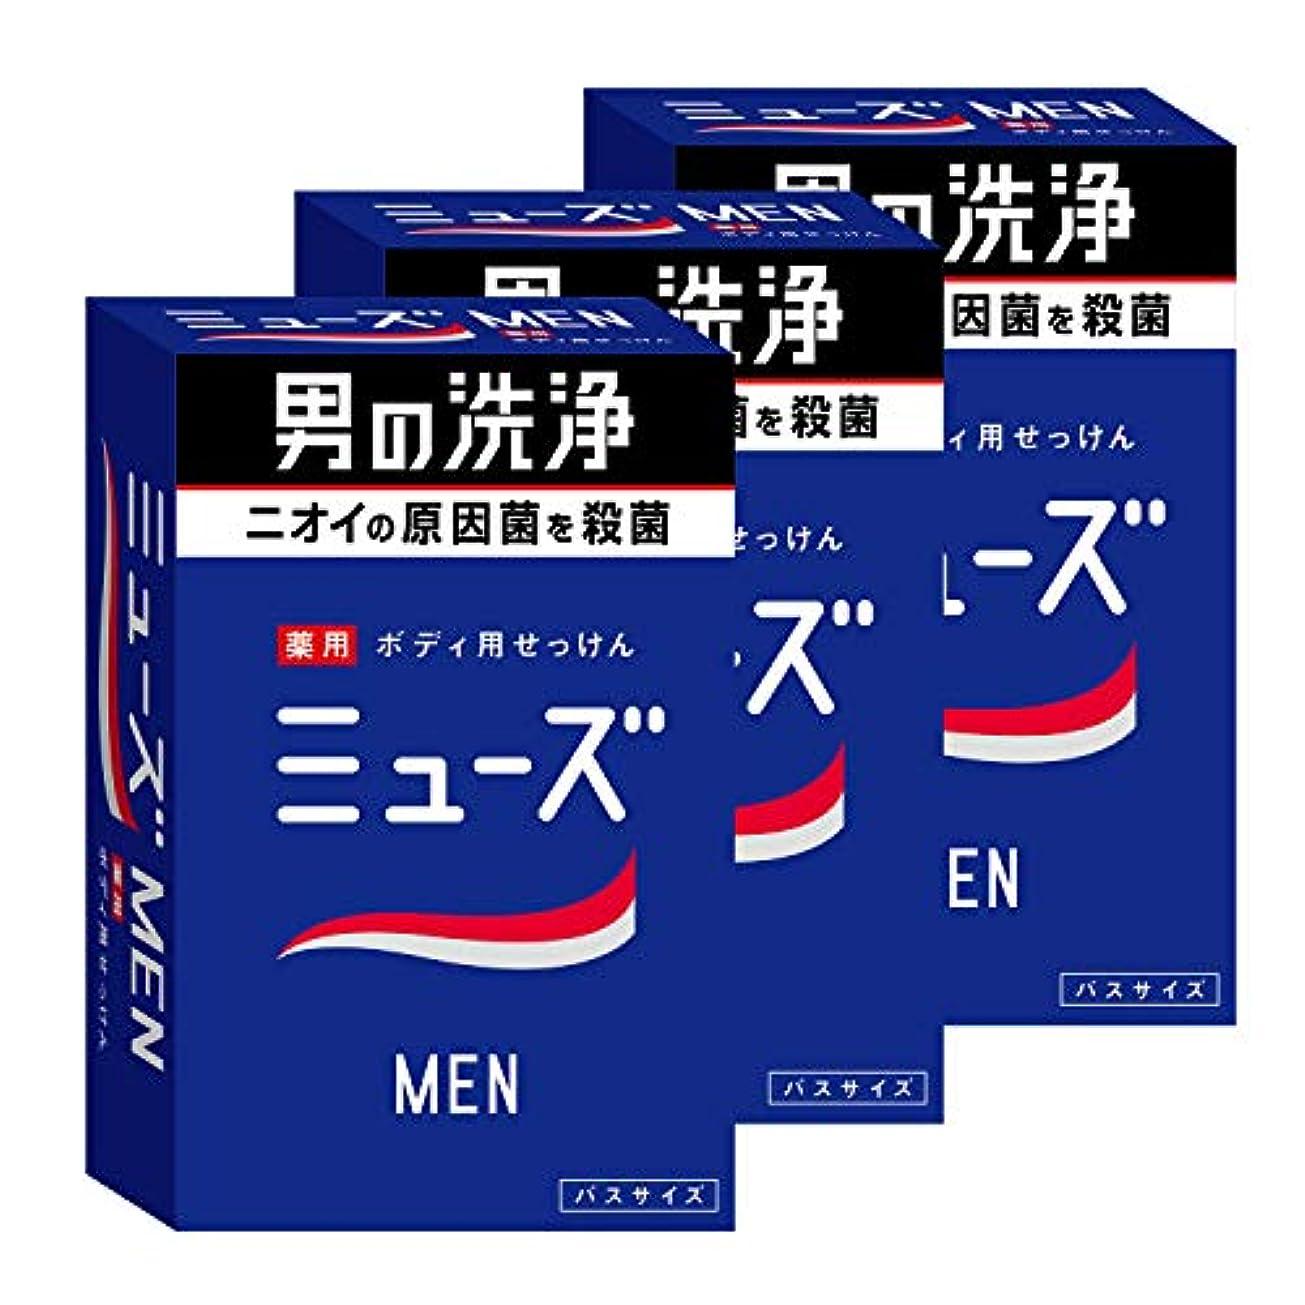 プラスチック性能ガス【医薬部外品】ミューズメン ボディ用 石鹸 135g ×3個 消臭